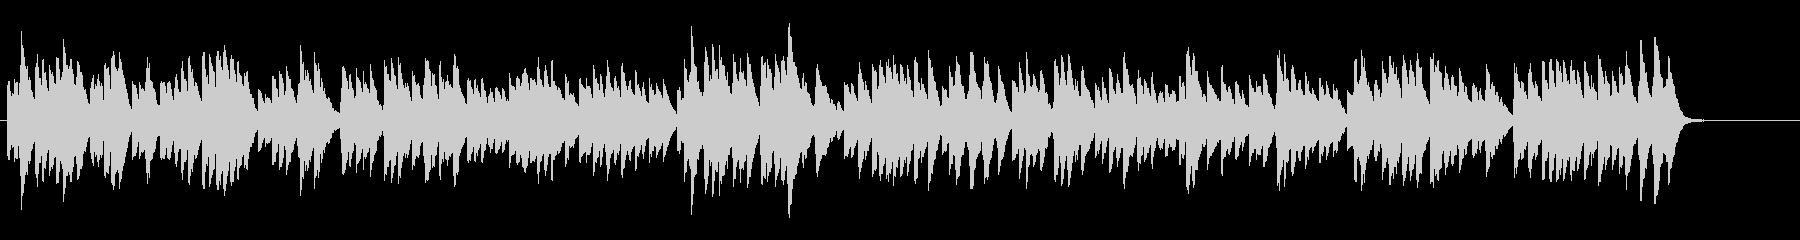 ジュピター/オルゴール風ヒーリング、映像の未再生の波形